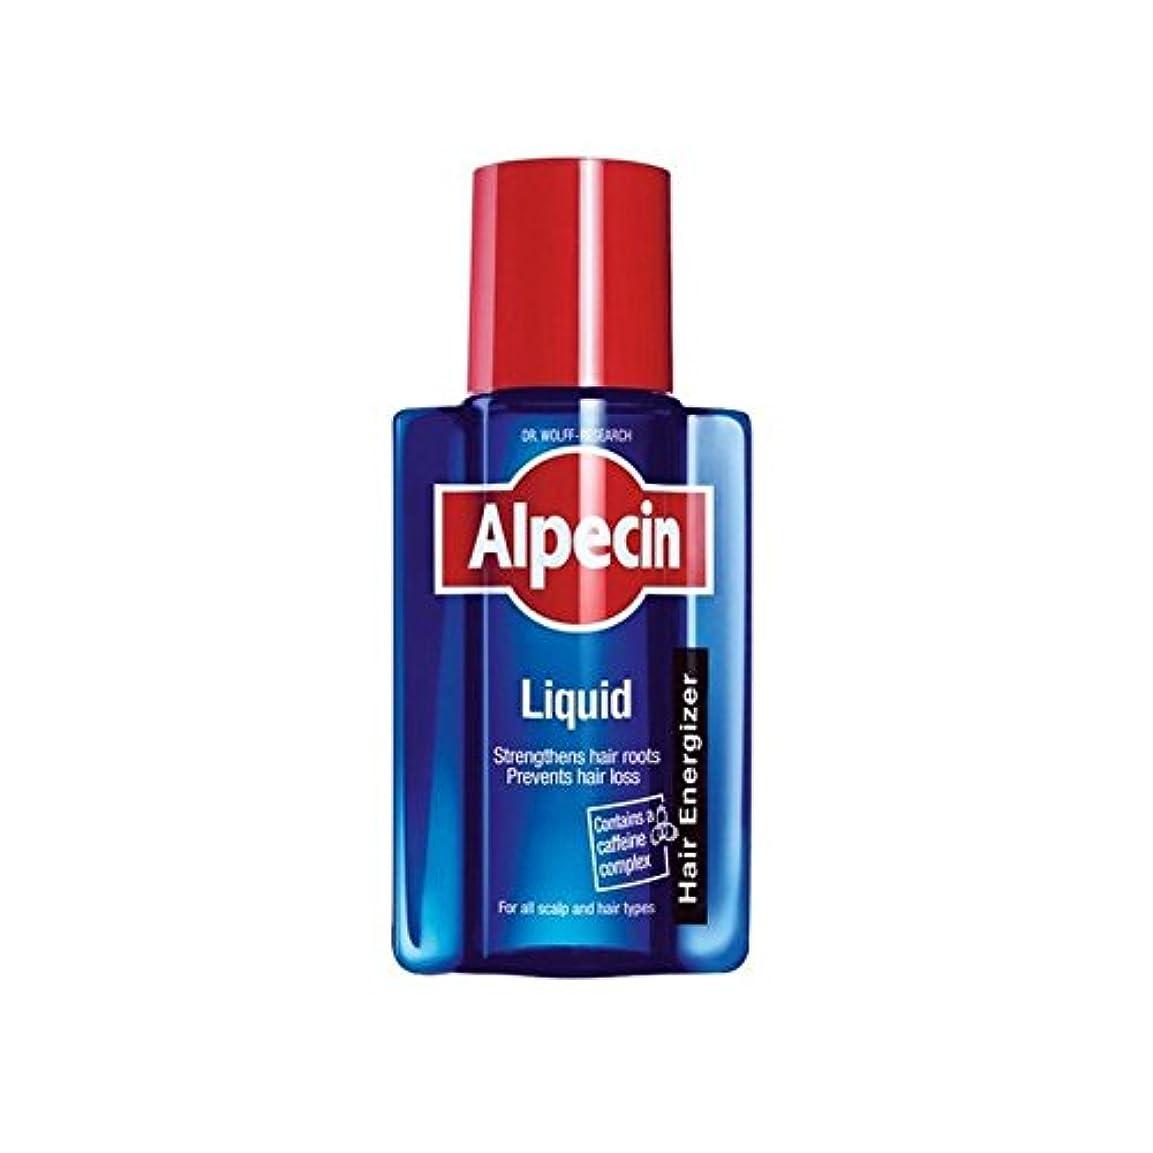 不幸必要としているとげのある液体(200)中 x4 - Alpecin Liquid (200ml) (Pack of 4) [並行輸入品]